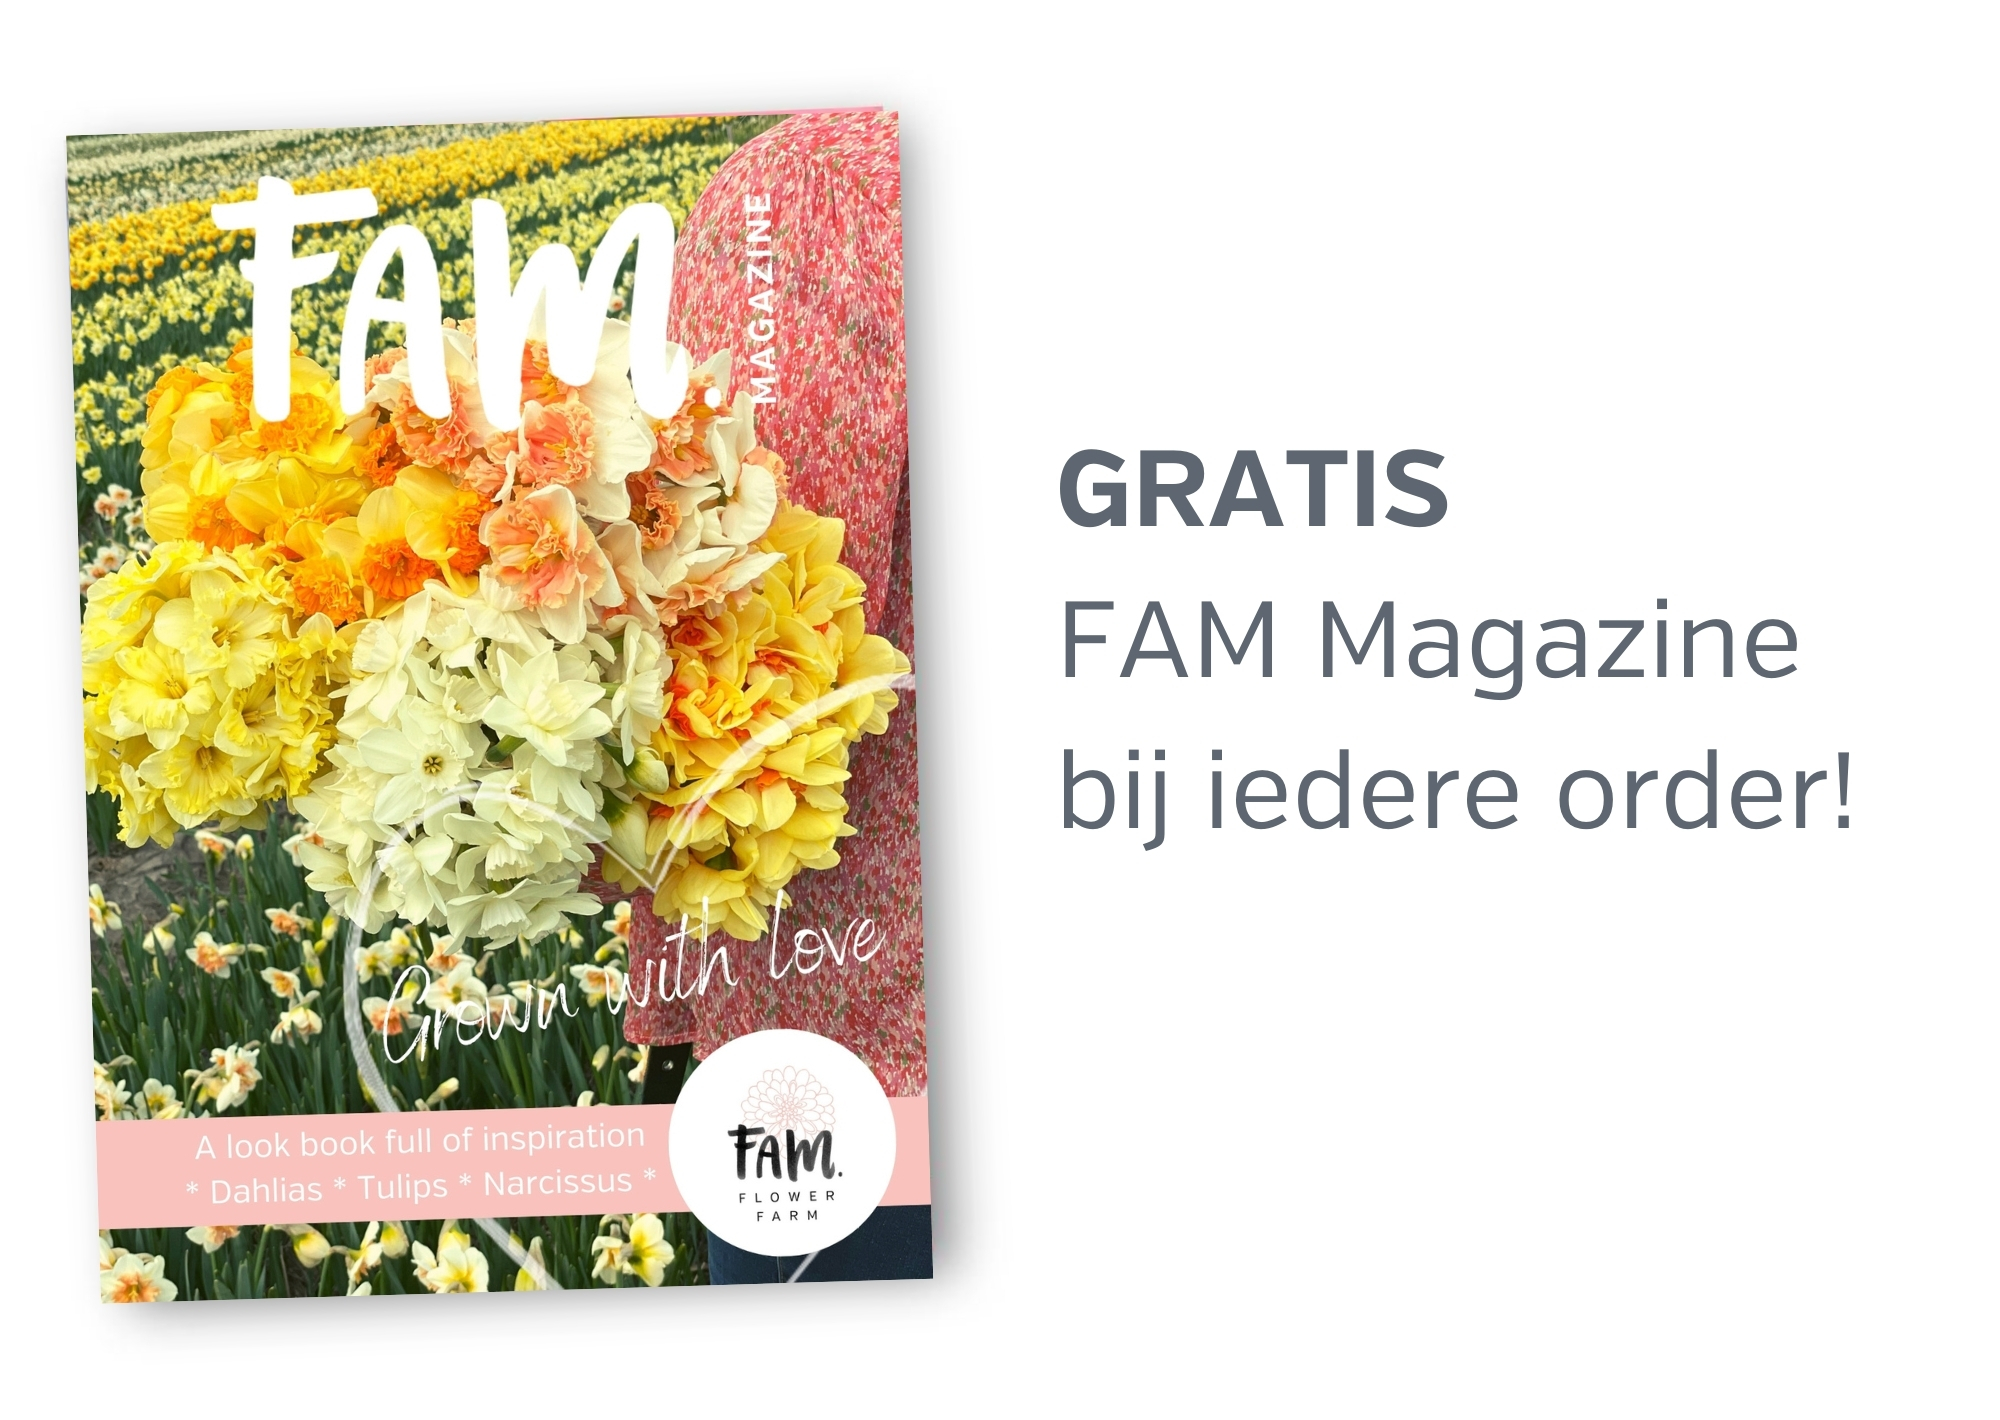 Gratis FAM magazine